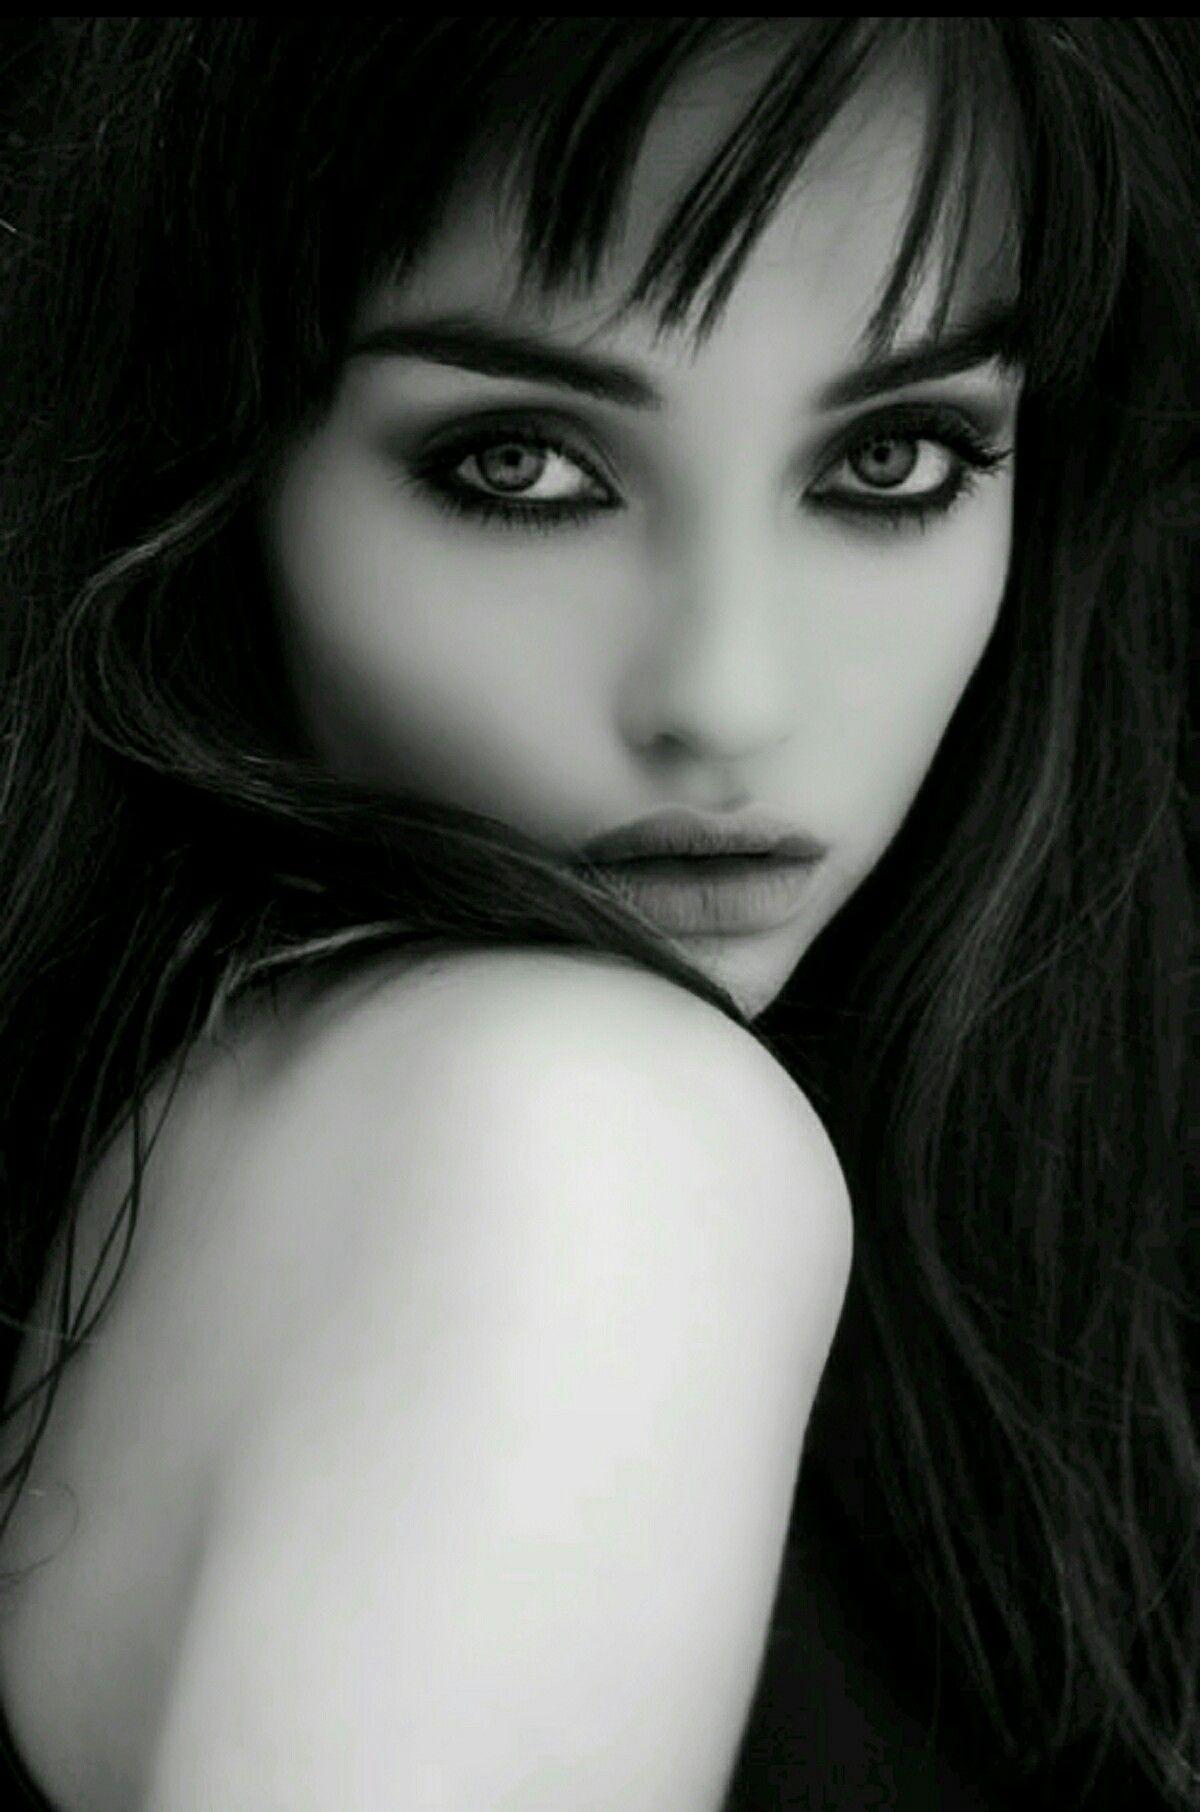 Beauty | Black and white portraits, Portrait, Portrait ...